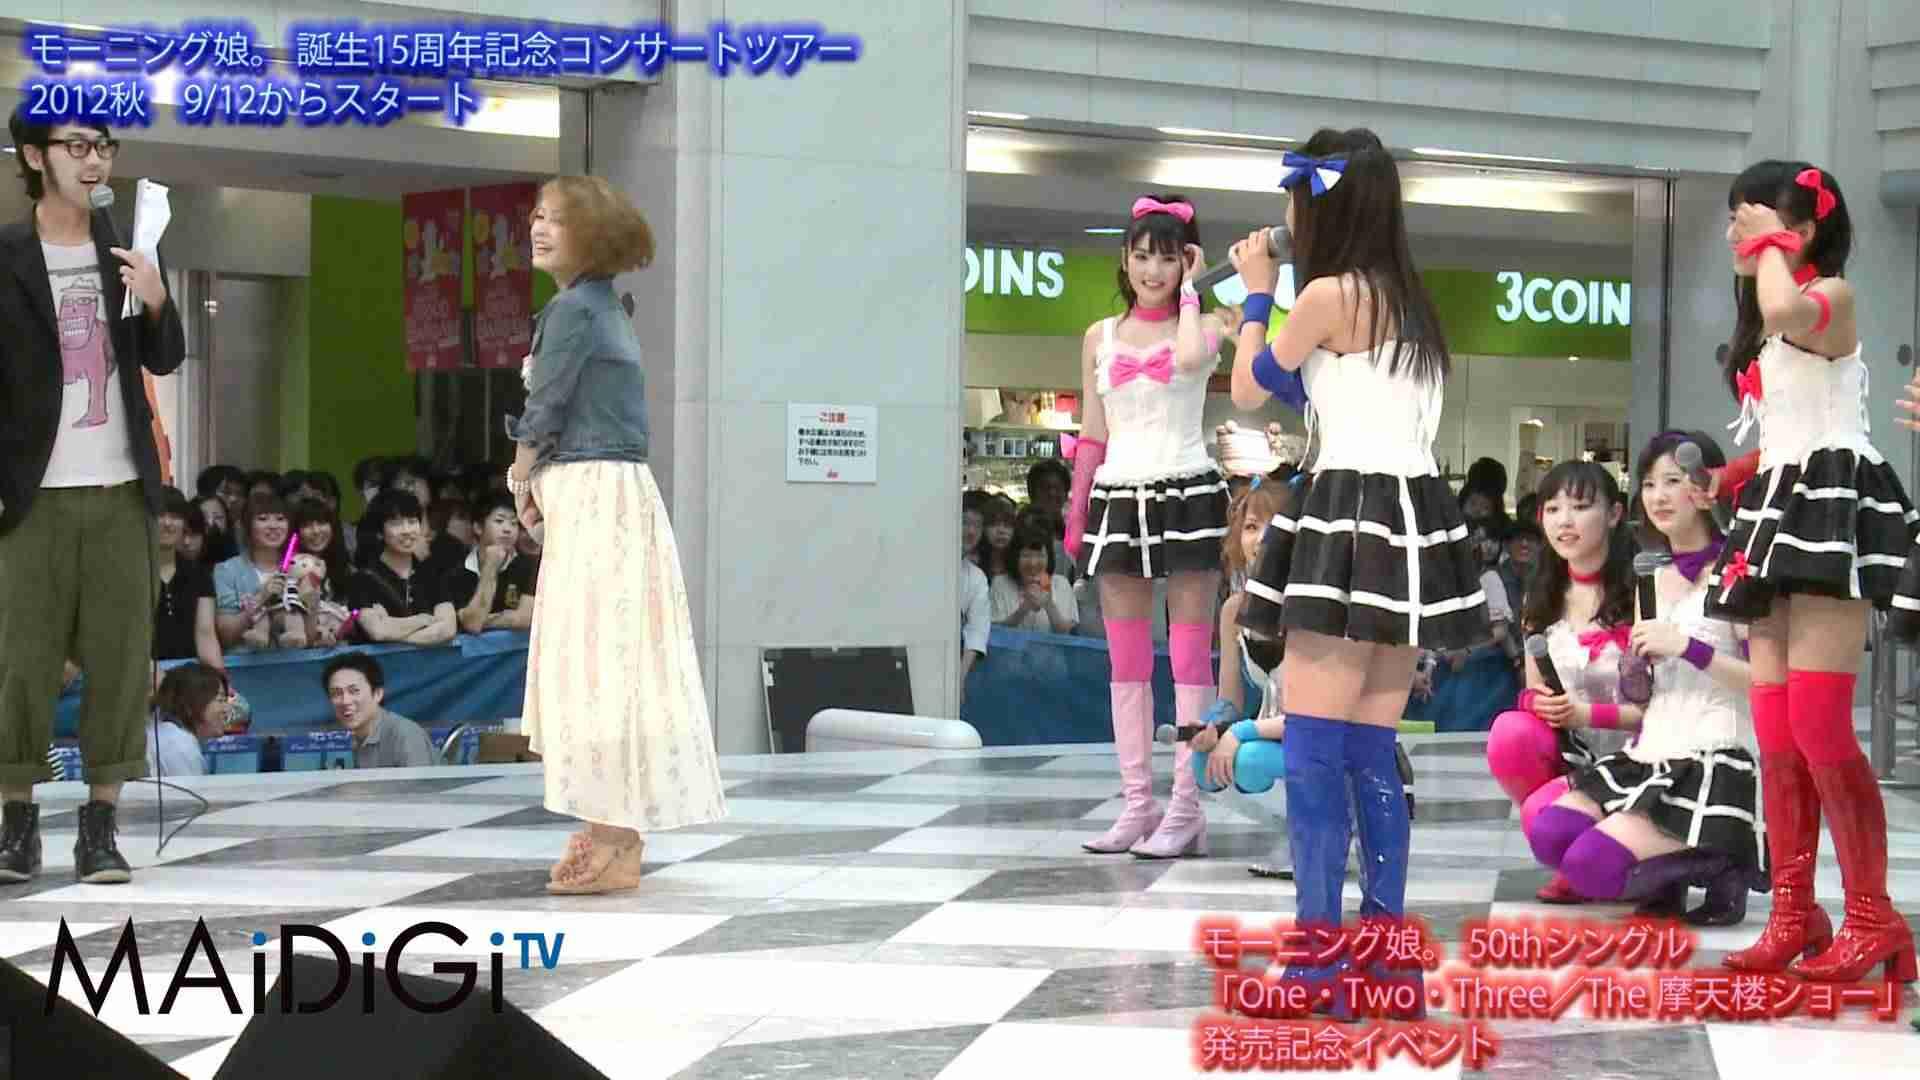 モーニング娘。 石田亜佑美  キレのあるダンス #Morning Musume #Japanese Idol - YouTube